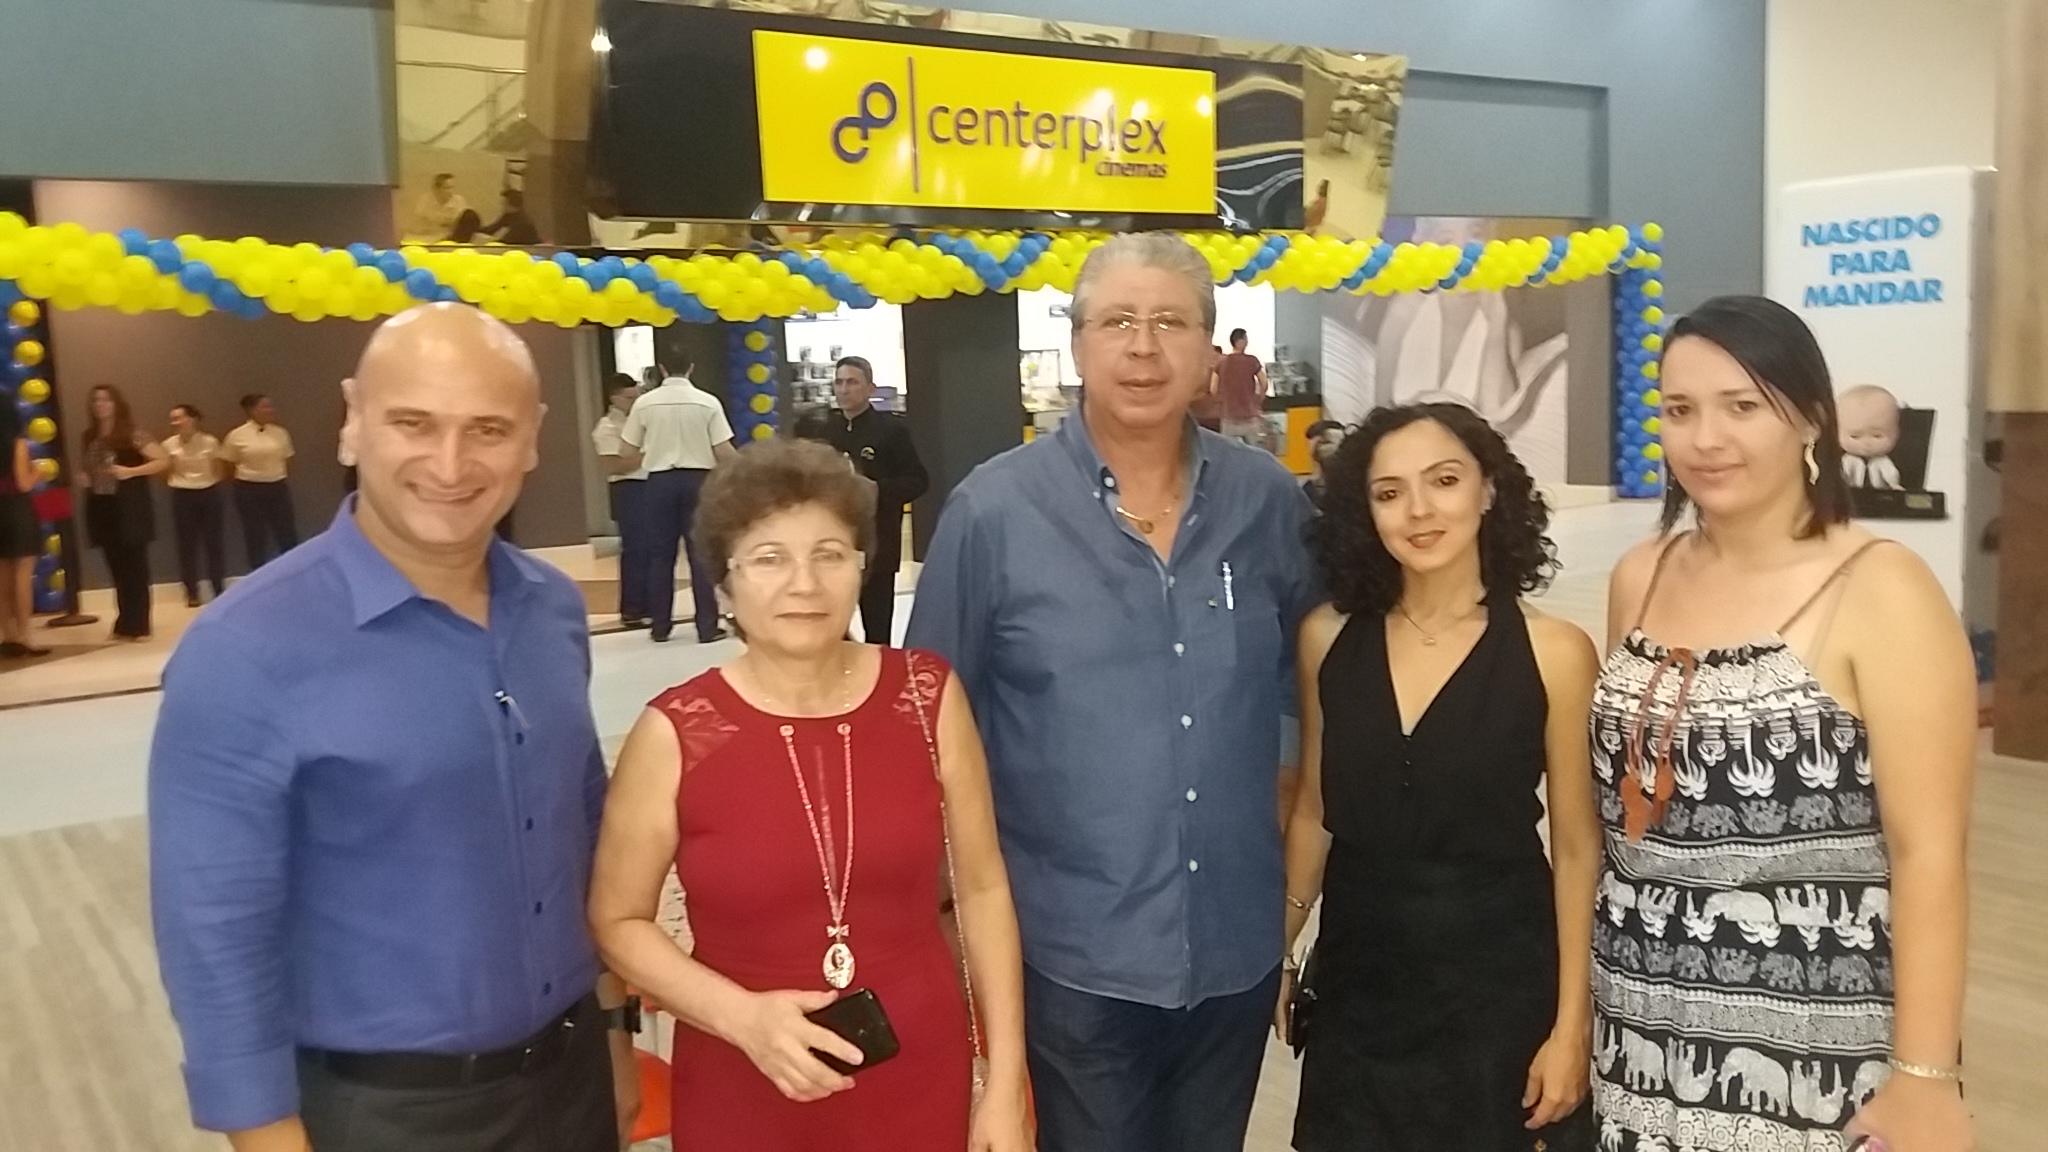 Coquetel de inauguração do Centerplex Cinemas em Maranguape-CE. Foto Dadynha Saturnino (18)